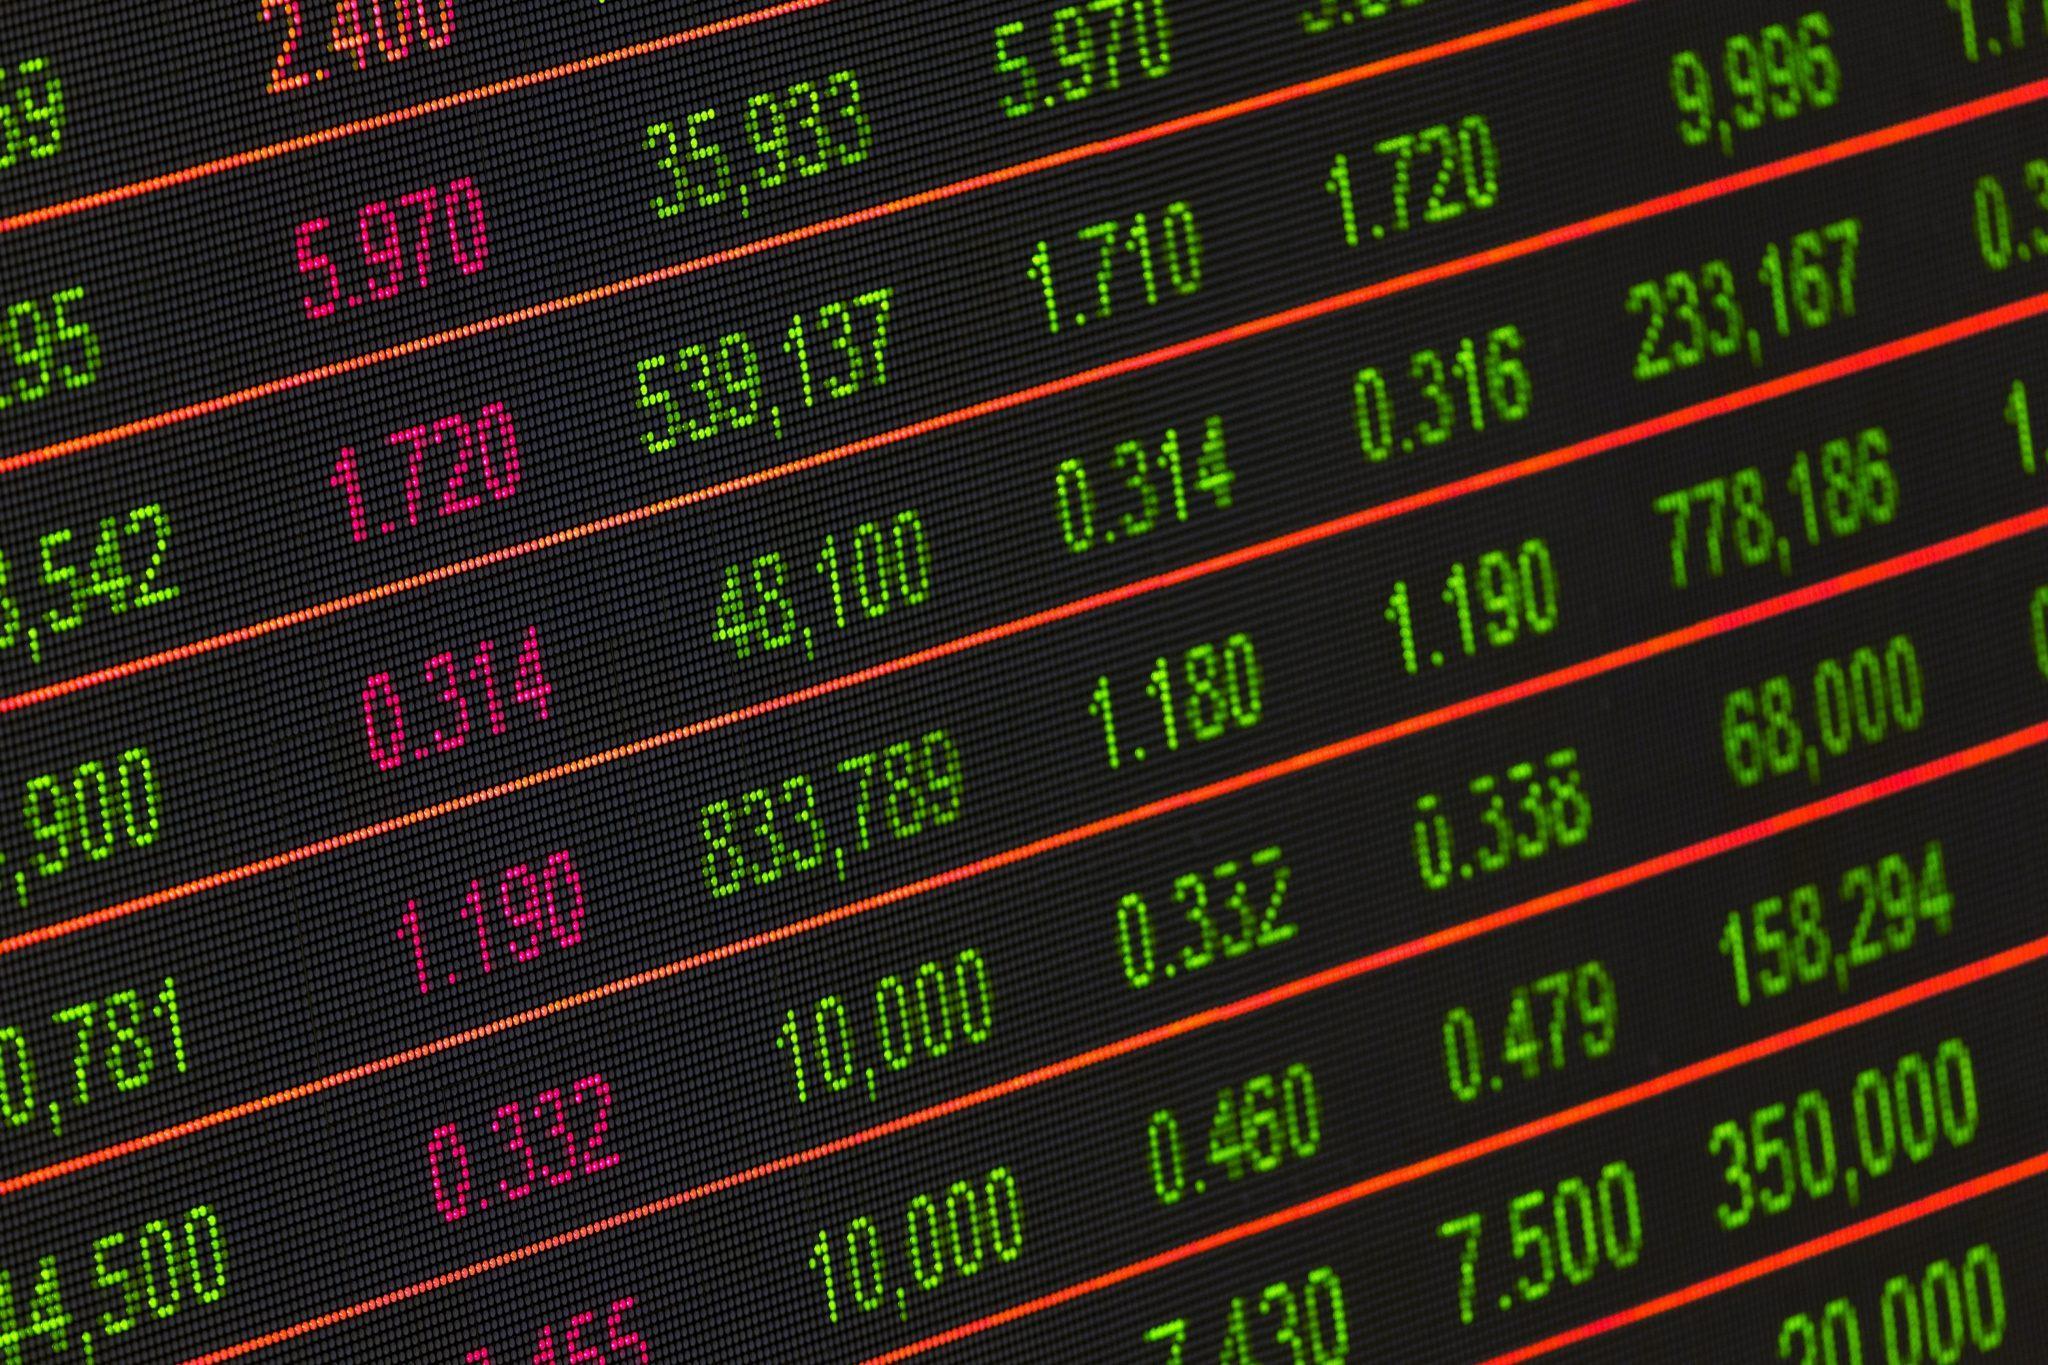 valóságos pénzt keresni az internetes véleményeken mikor lesz kibányászva az utolsó bitcoin